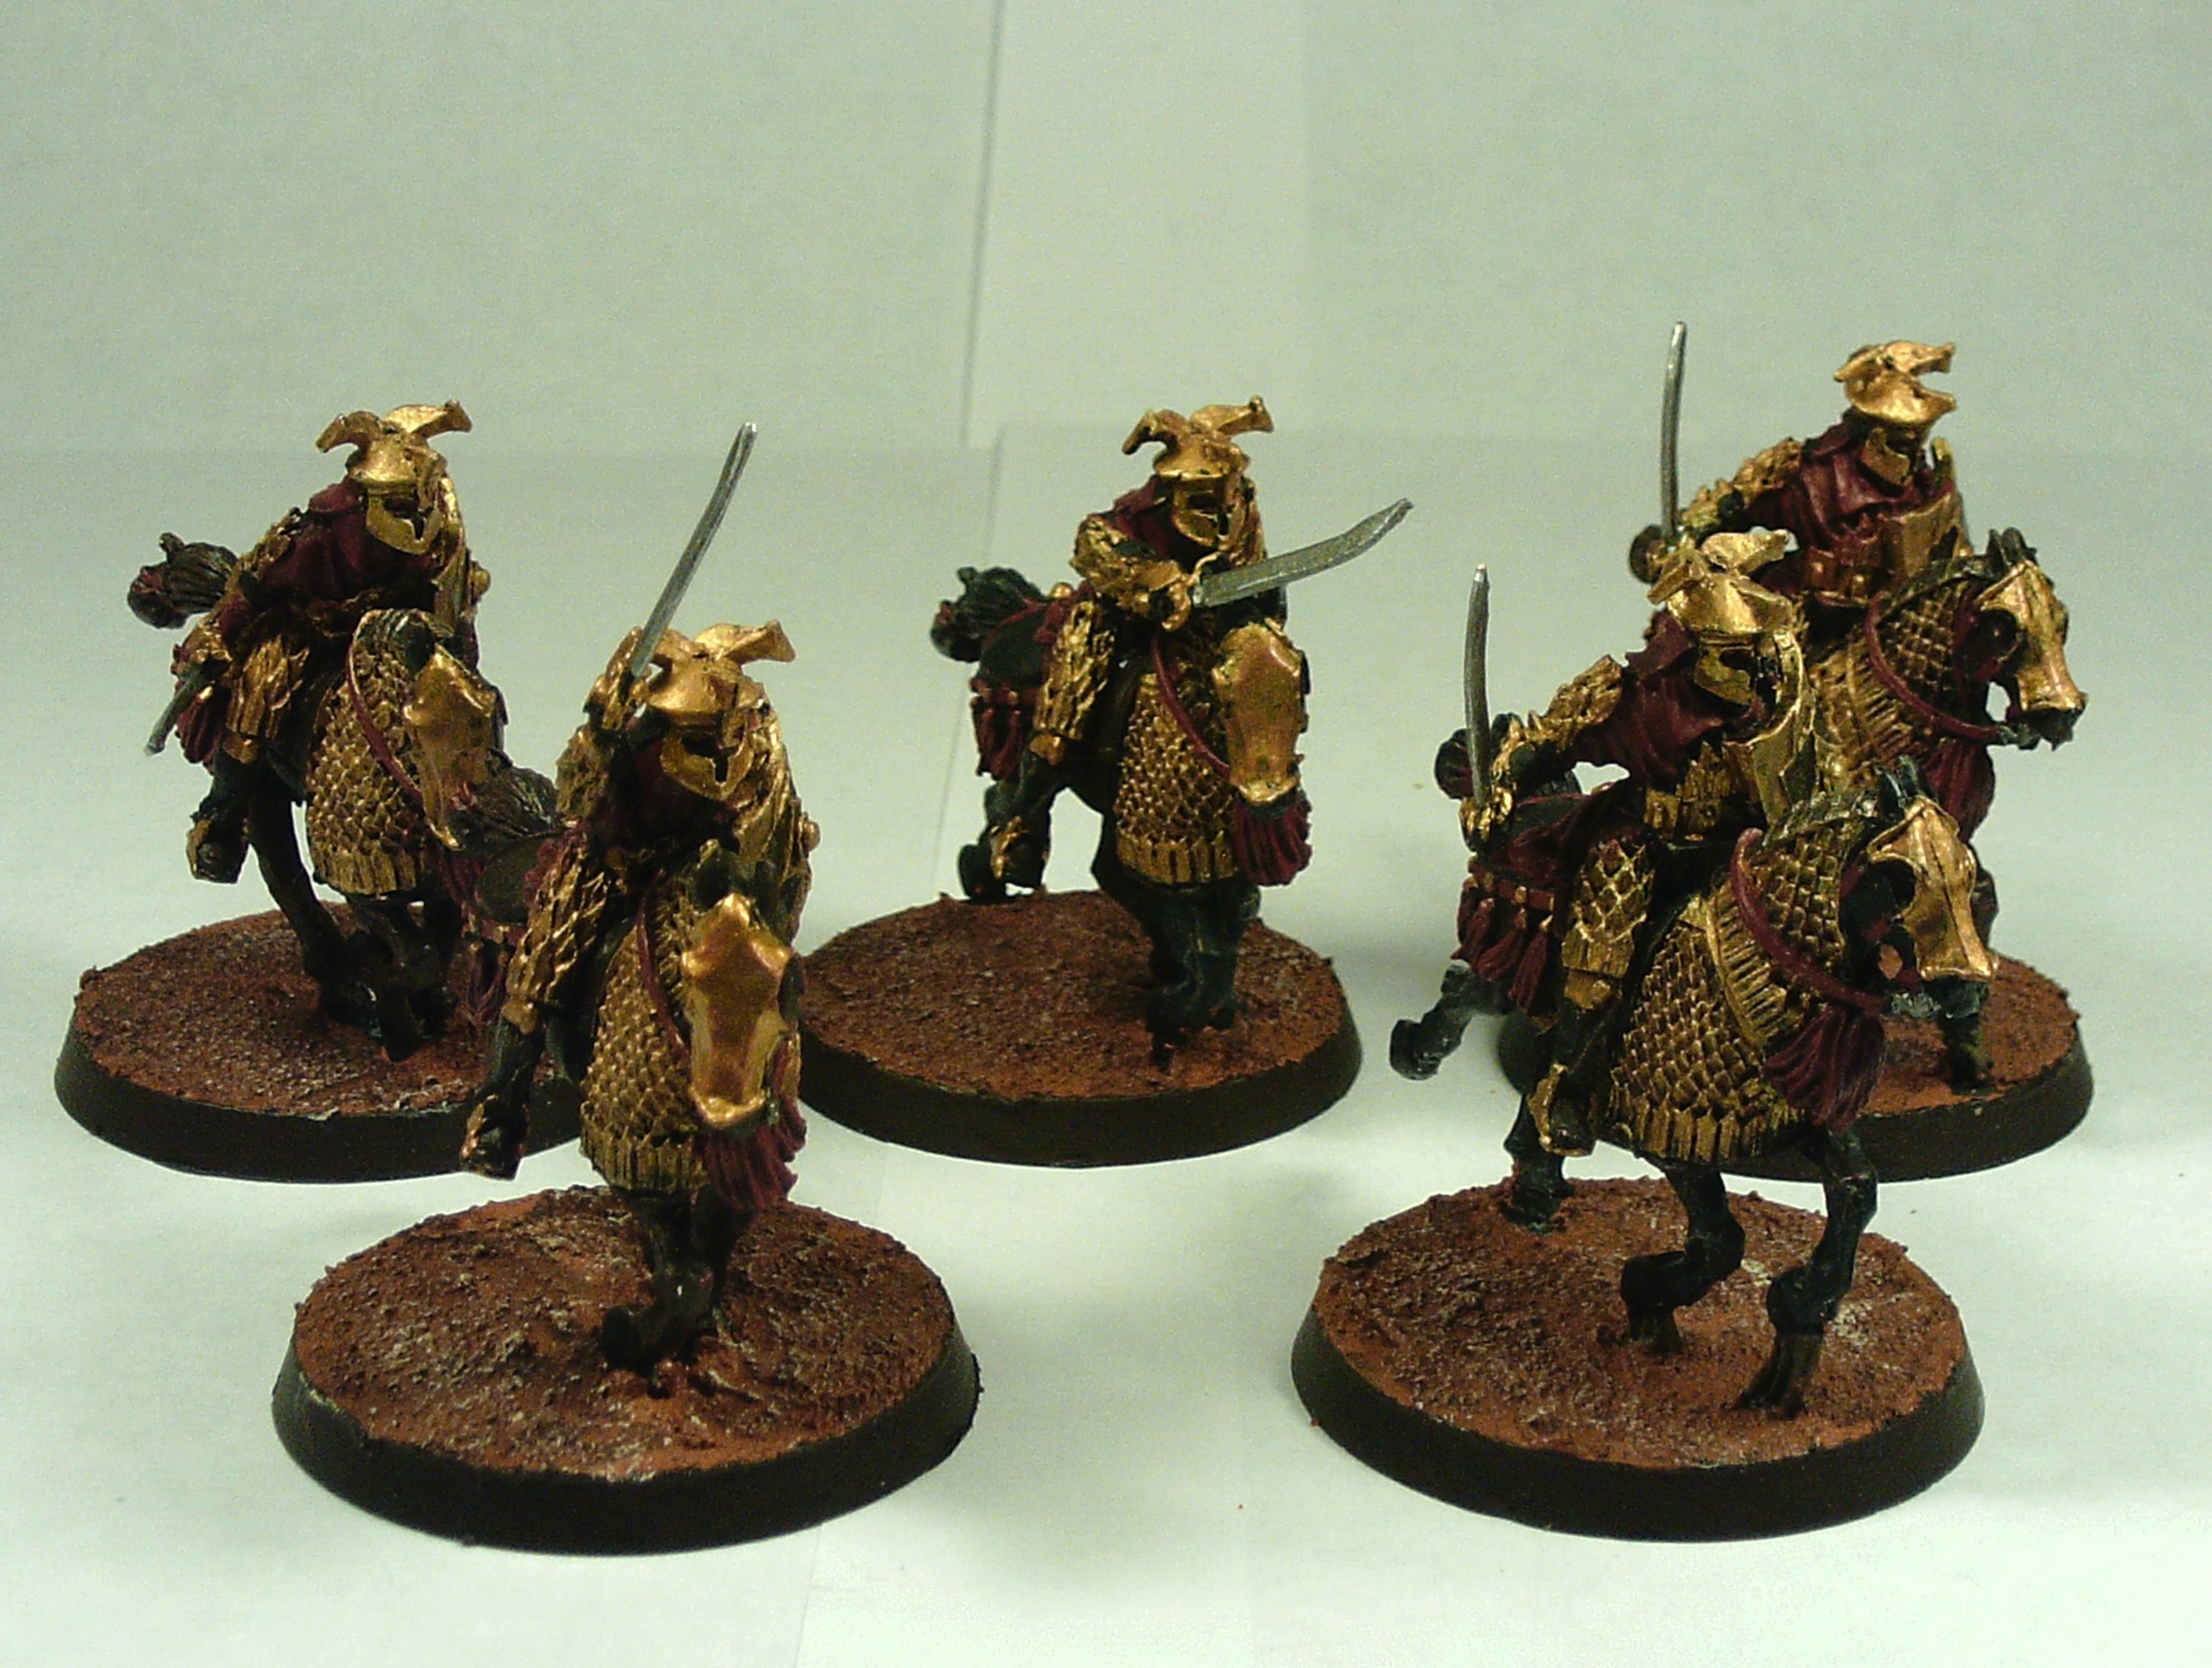 Armor, Cataphract, Cavalry, Easterling, Evil, Heavy, Kataphrakt, Lord, Rings